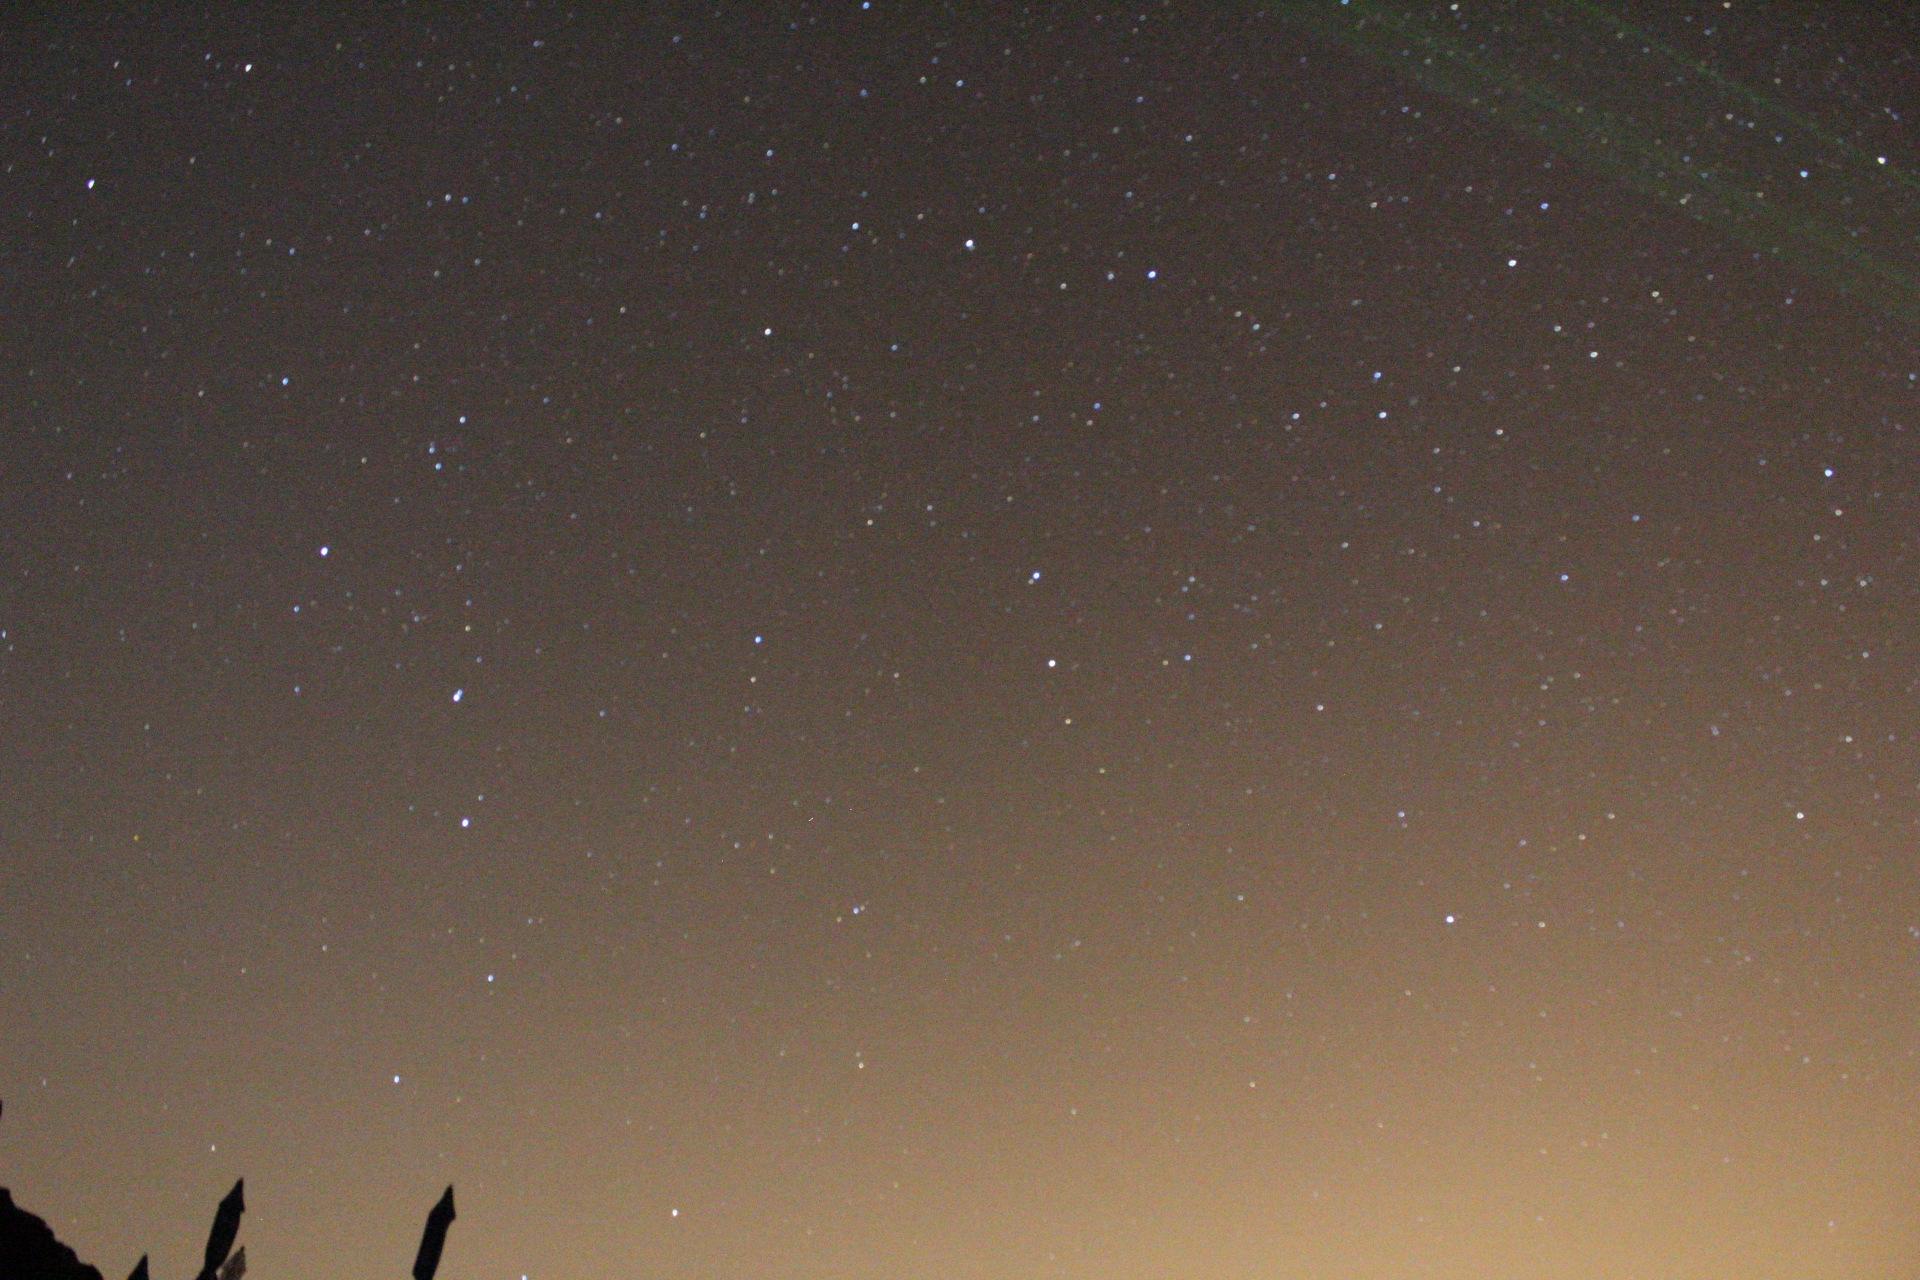 Imatge de la zona nord del cel. A aquestes latituds la ossa major ja no és circumpolar. Imatge feta des de Las Cañadas del Teide amb una càmera Canon eos 1300D, bjectiu de 18-55 mm i 30 segons d'exposició amb trípode, sense seguiment ni darks. 25/8/2017. Unai.